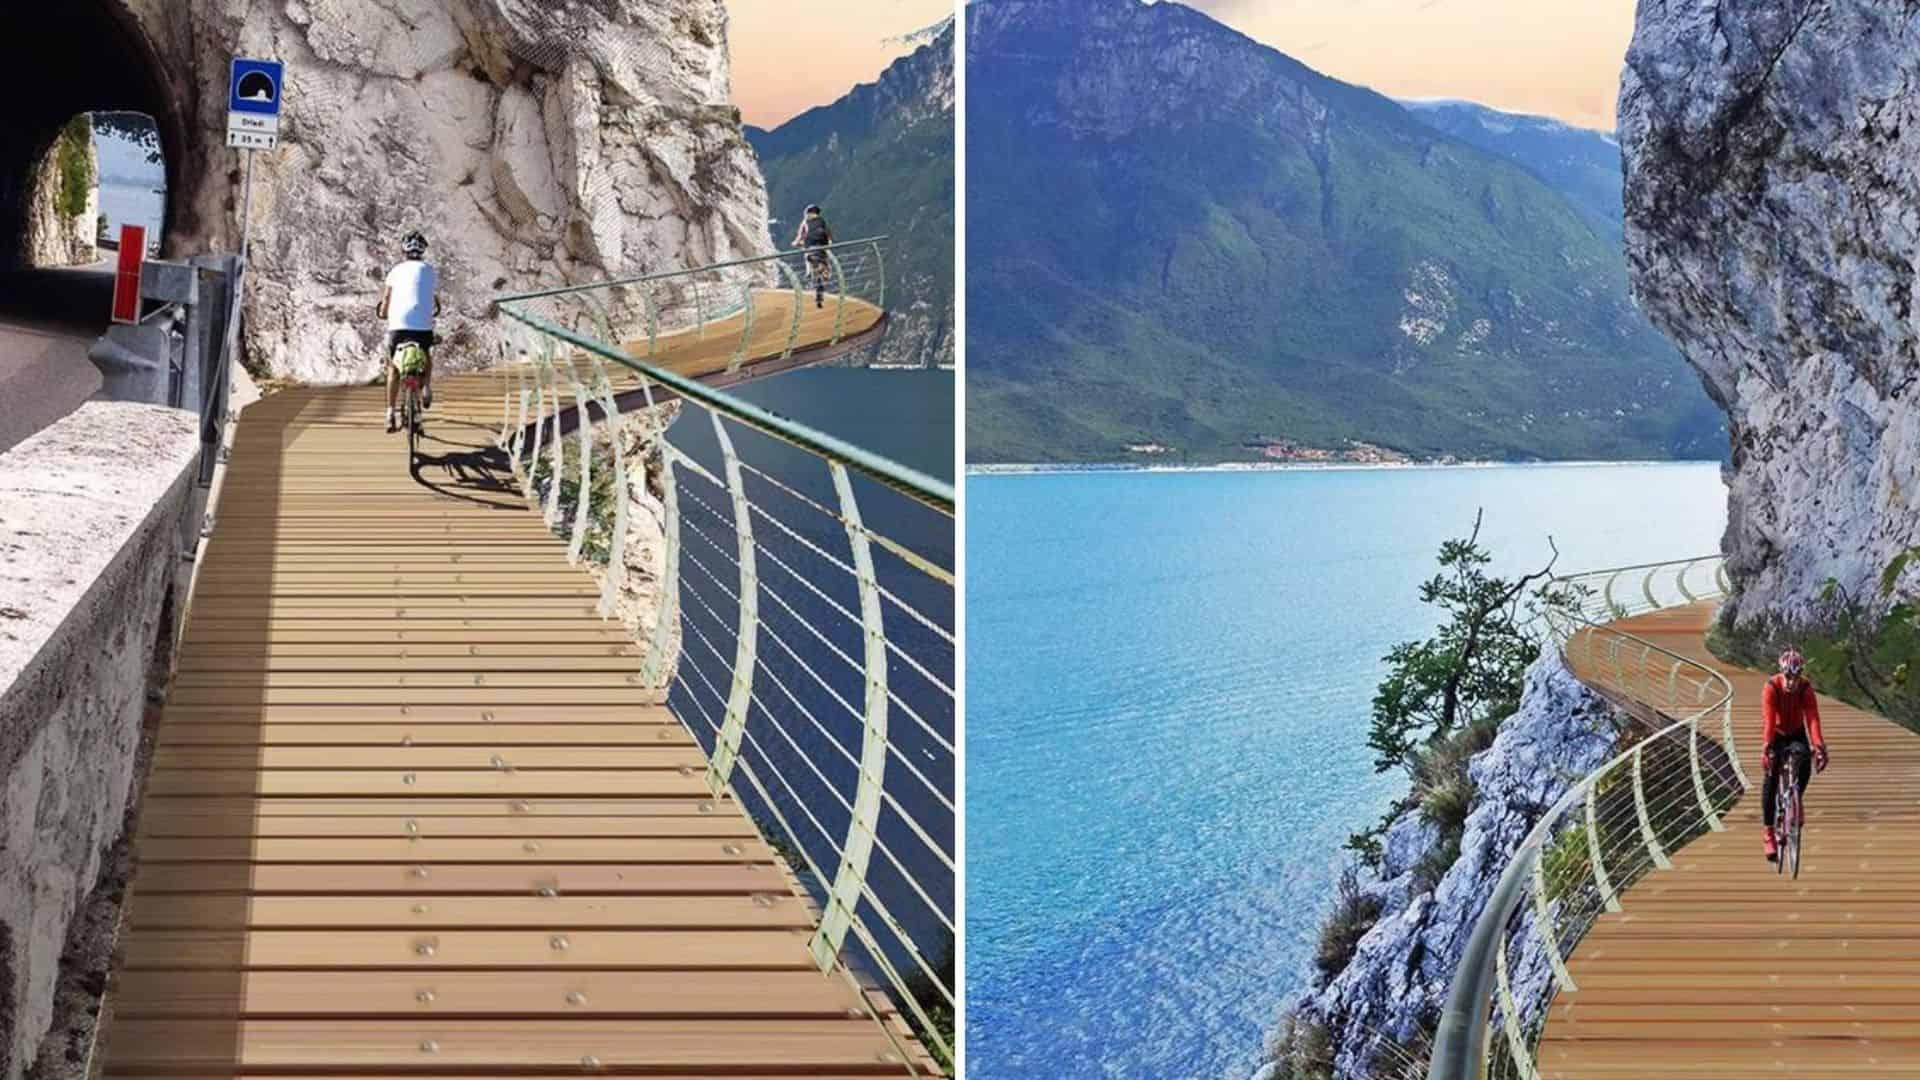 Italia: construyen un sendero para bicicletas que rodeará el Lago de Garda